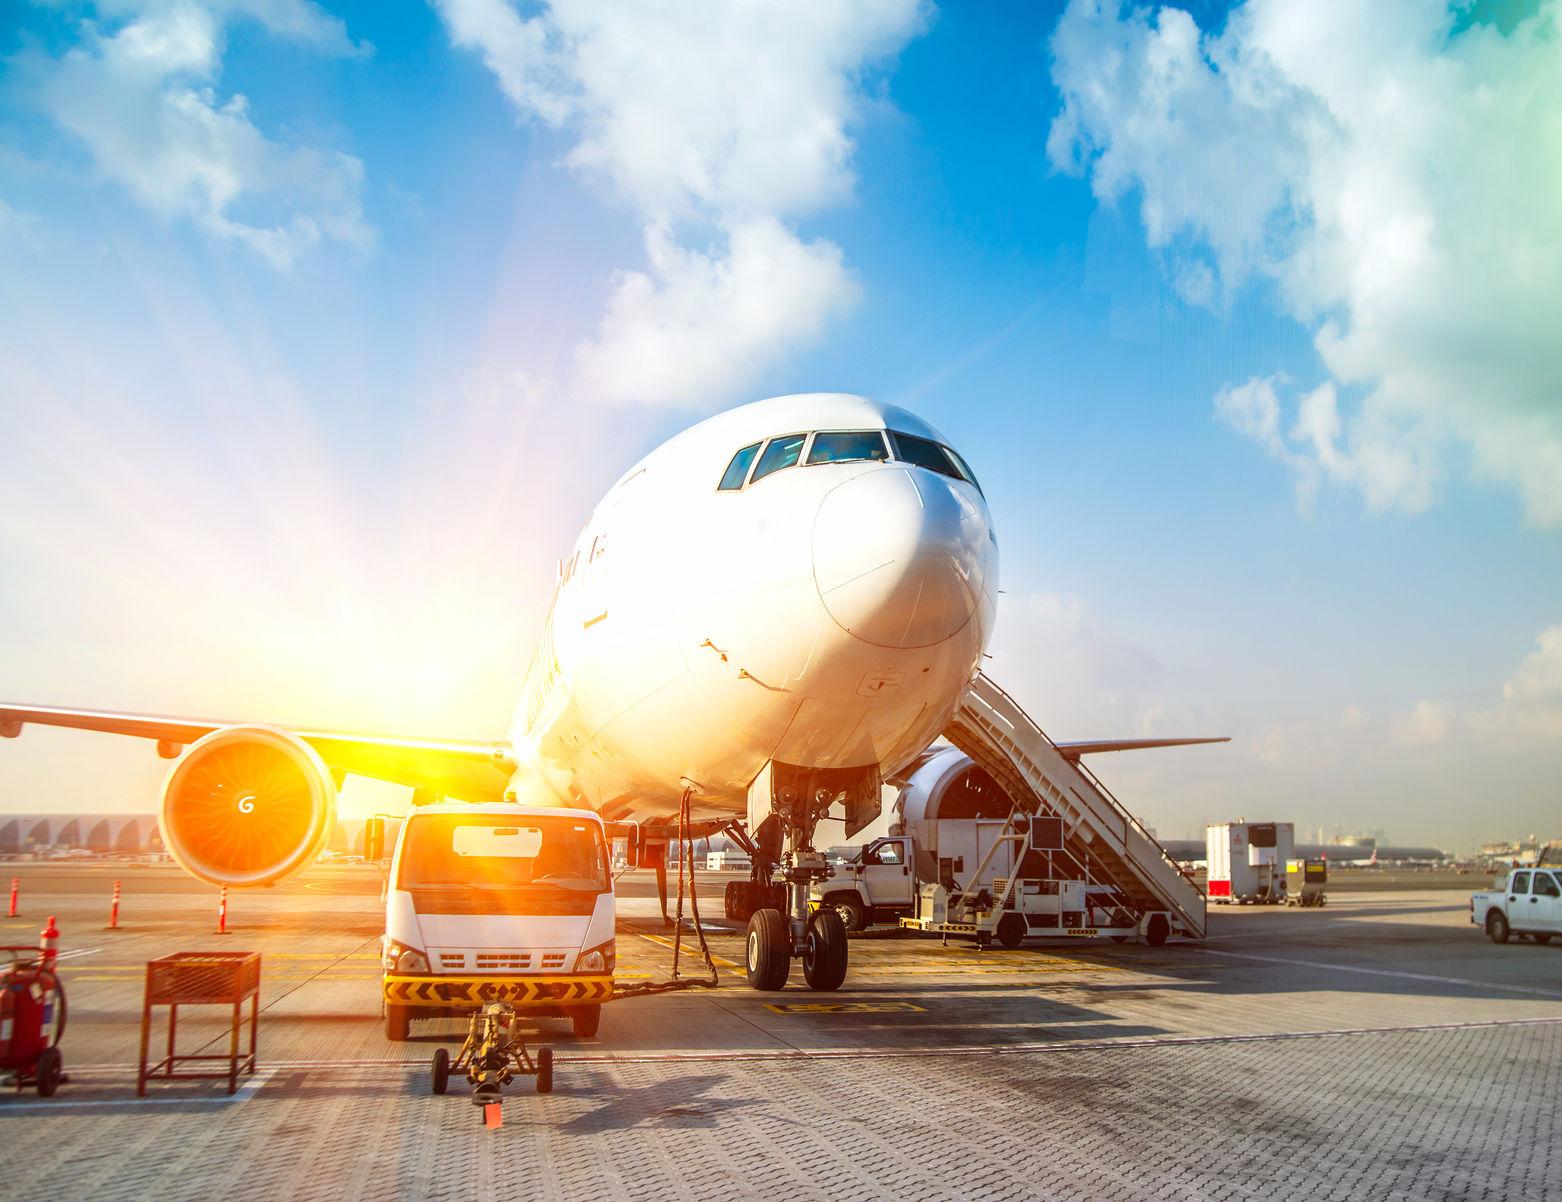 Flugzeug, das für den Abflug mit aufgehender Sonne vorbereitet wird.